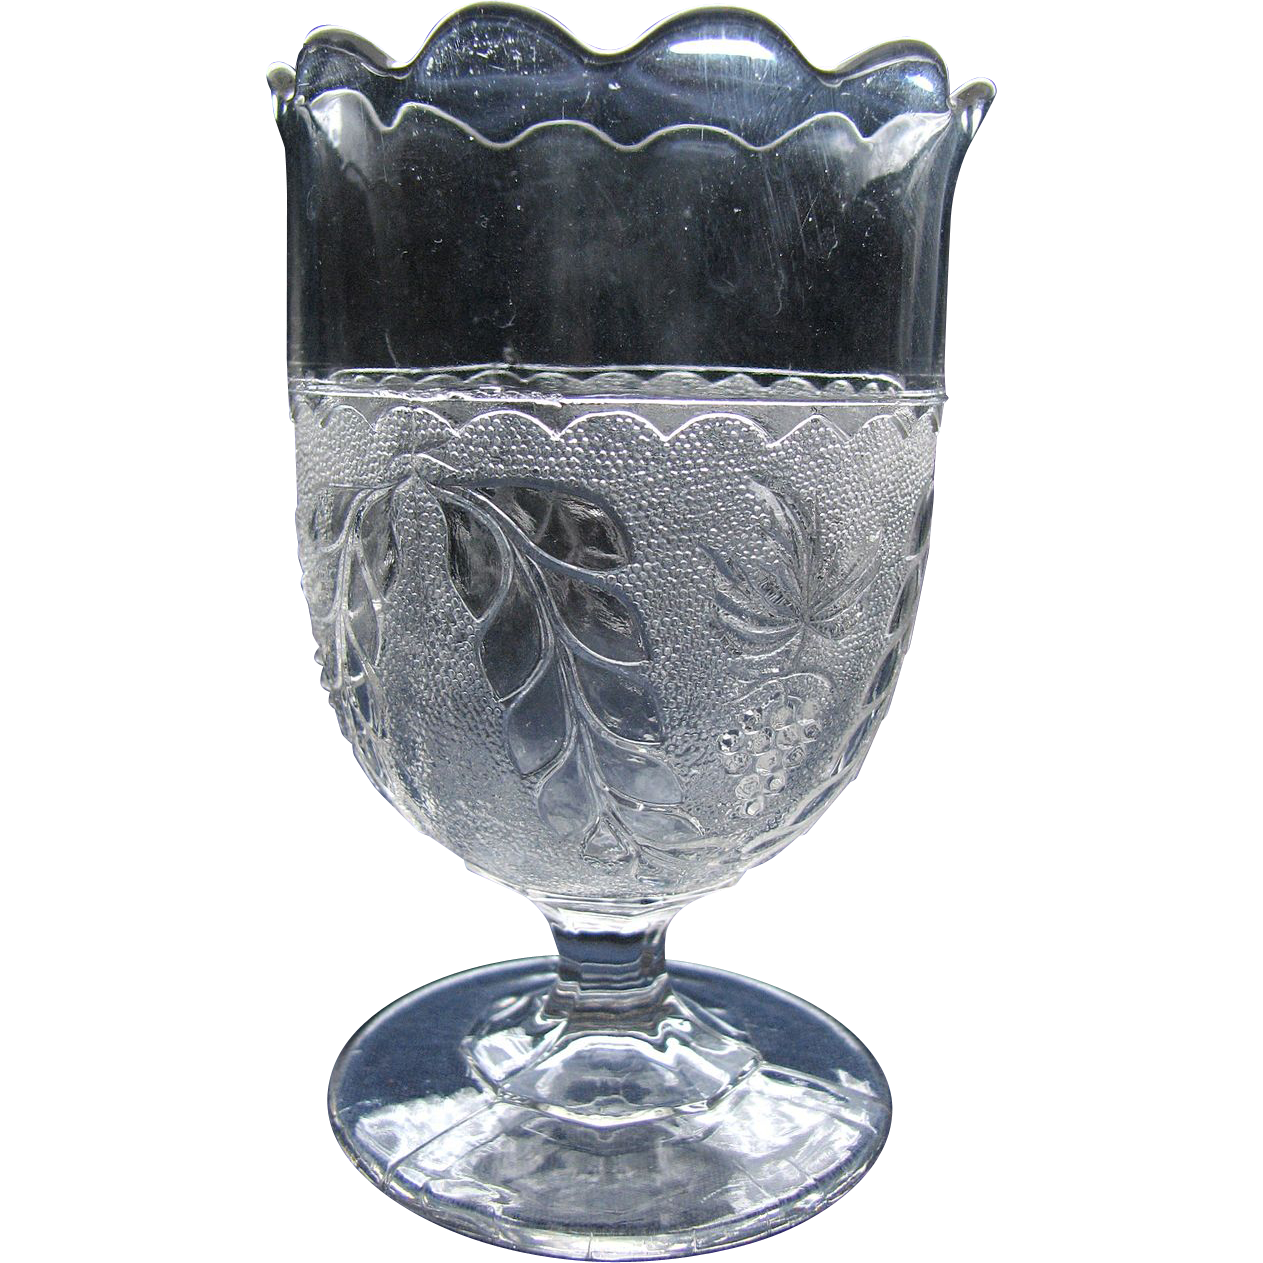 Eapg, Pattern glass 'Stippled Grape and Festoon' spooner, Boston Sandwich